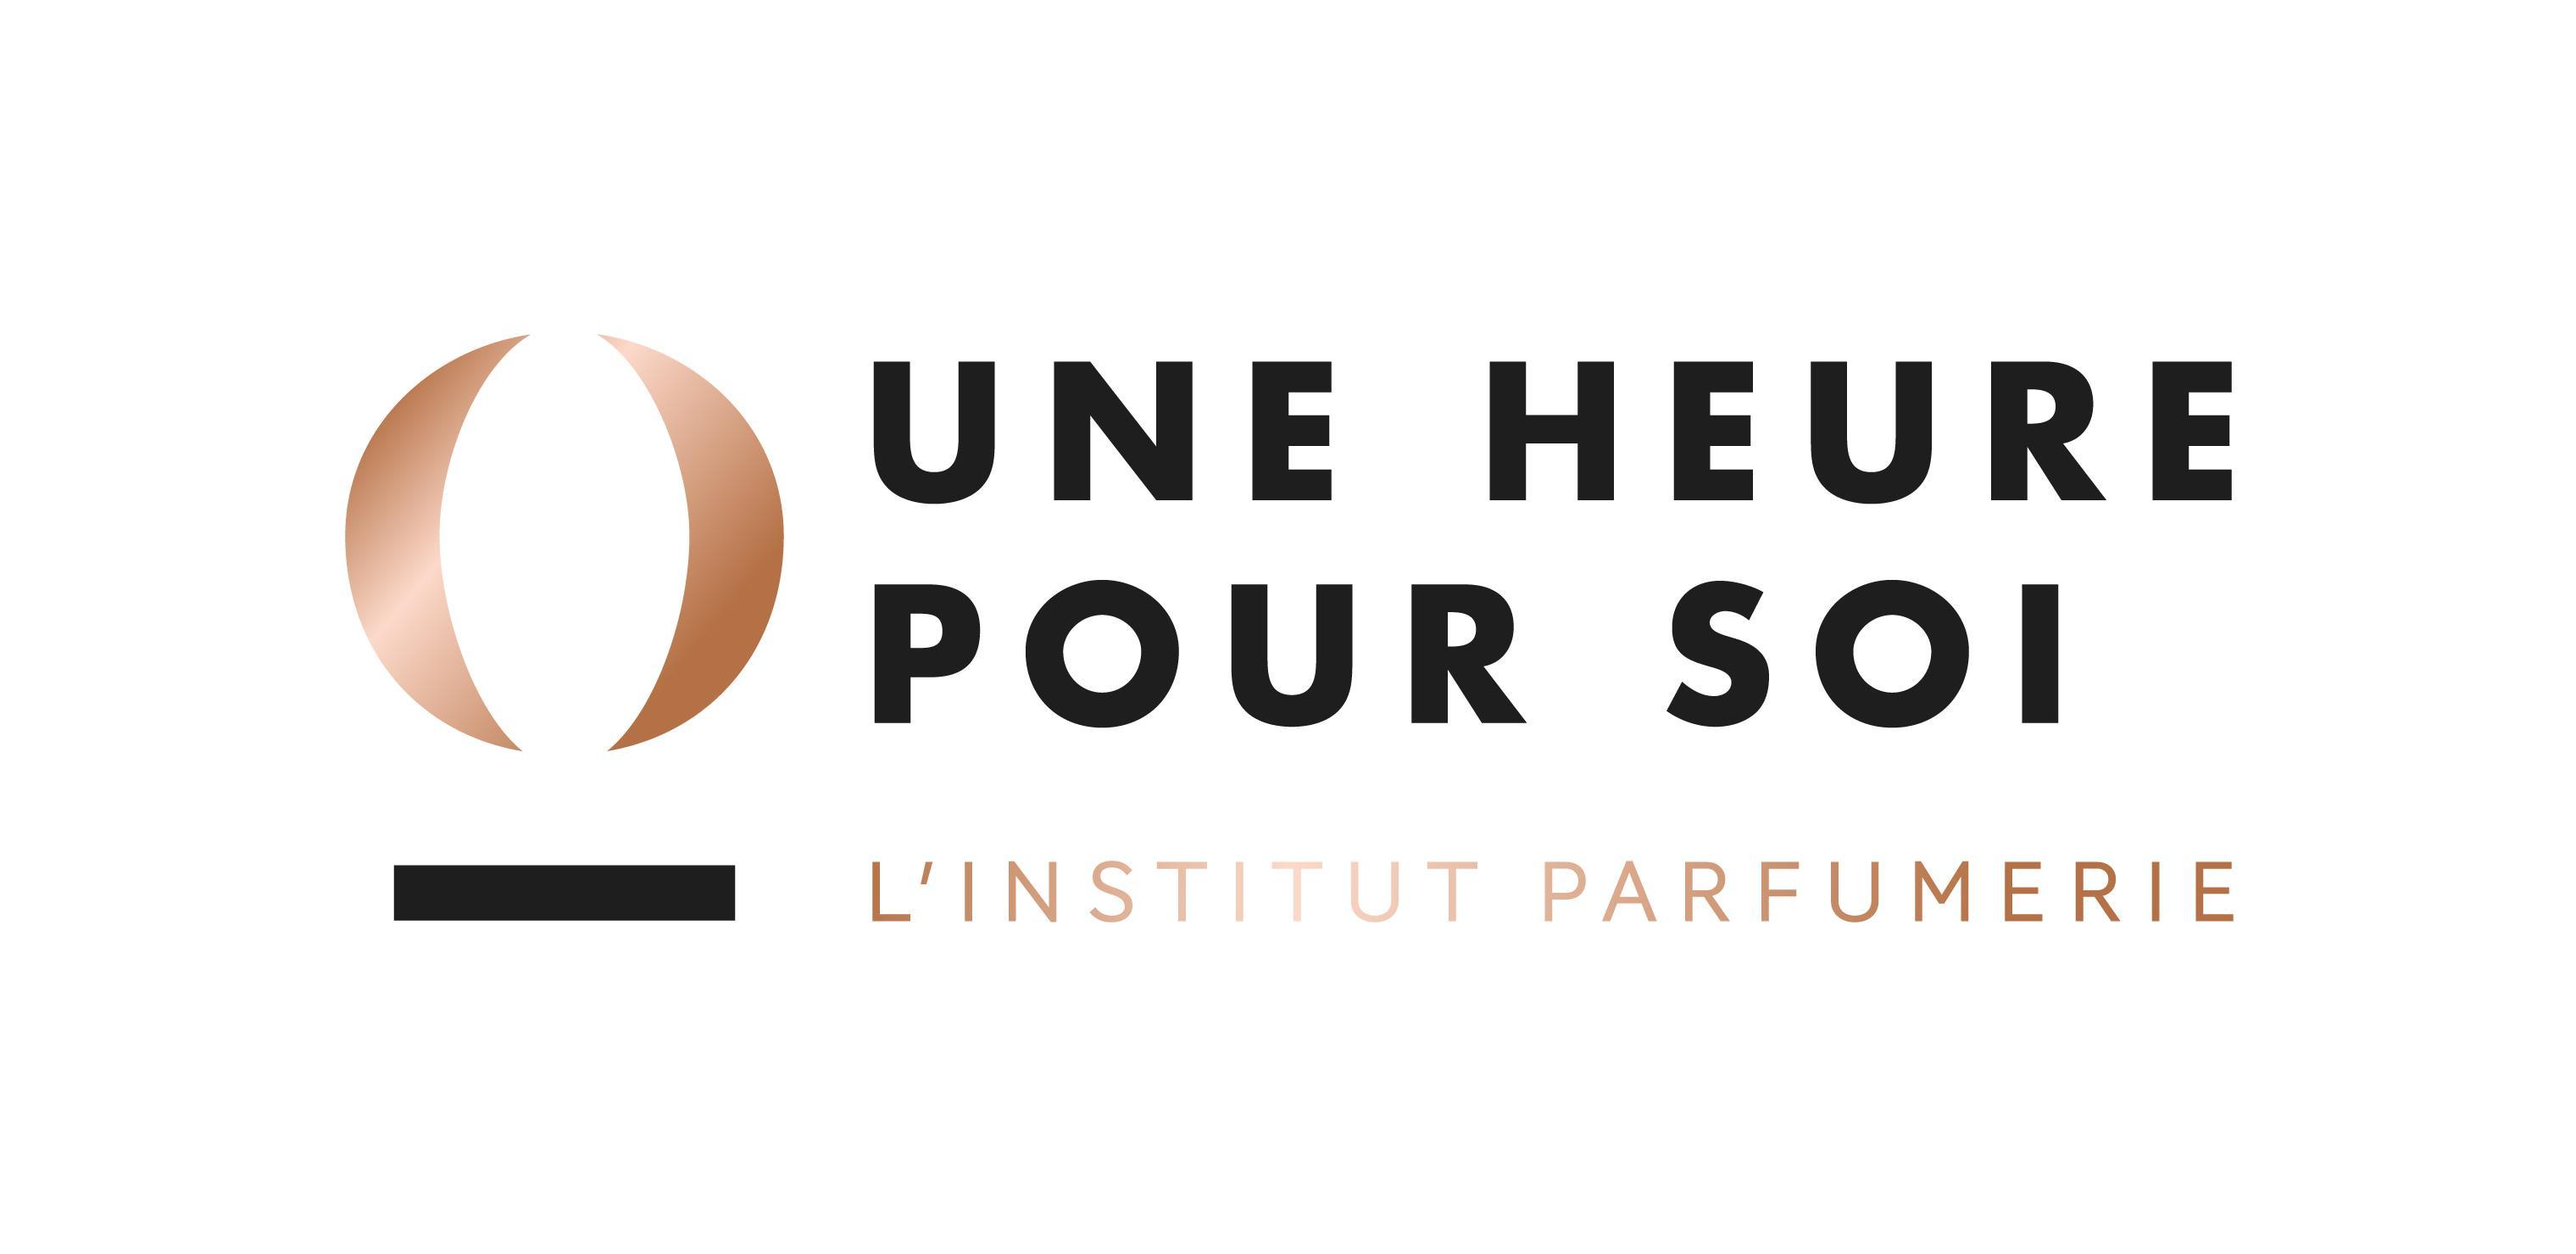 E.leclerc Une Heure Pour Soi Andrézieux Bouthéon